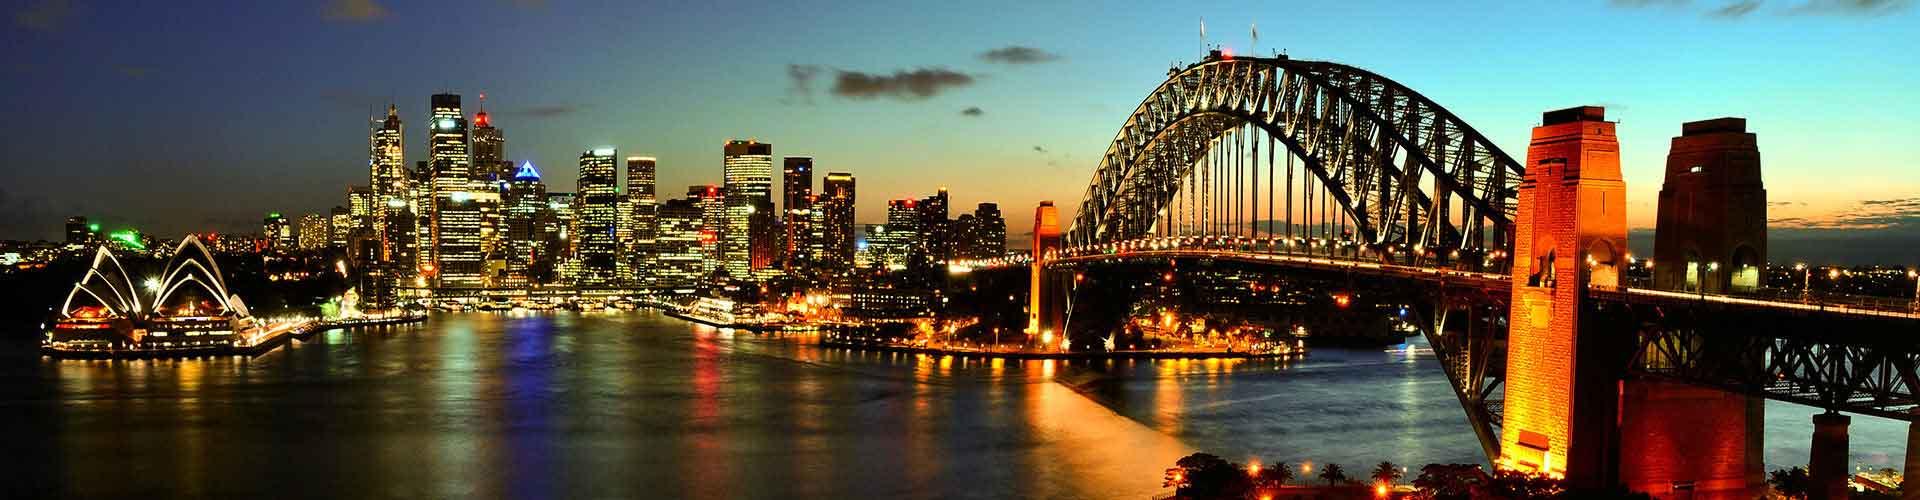 Sydney – Retkeily kaupungiosassa Forest Lodge. Sydney -karttoja, valokuvia ja arvosteluja kaikista Sydney -retkeilyalueista.